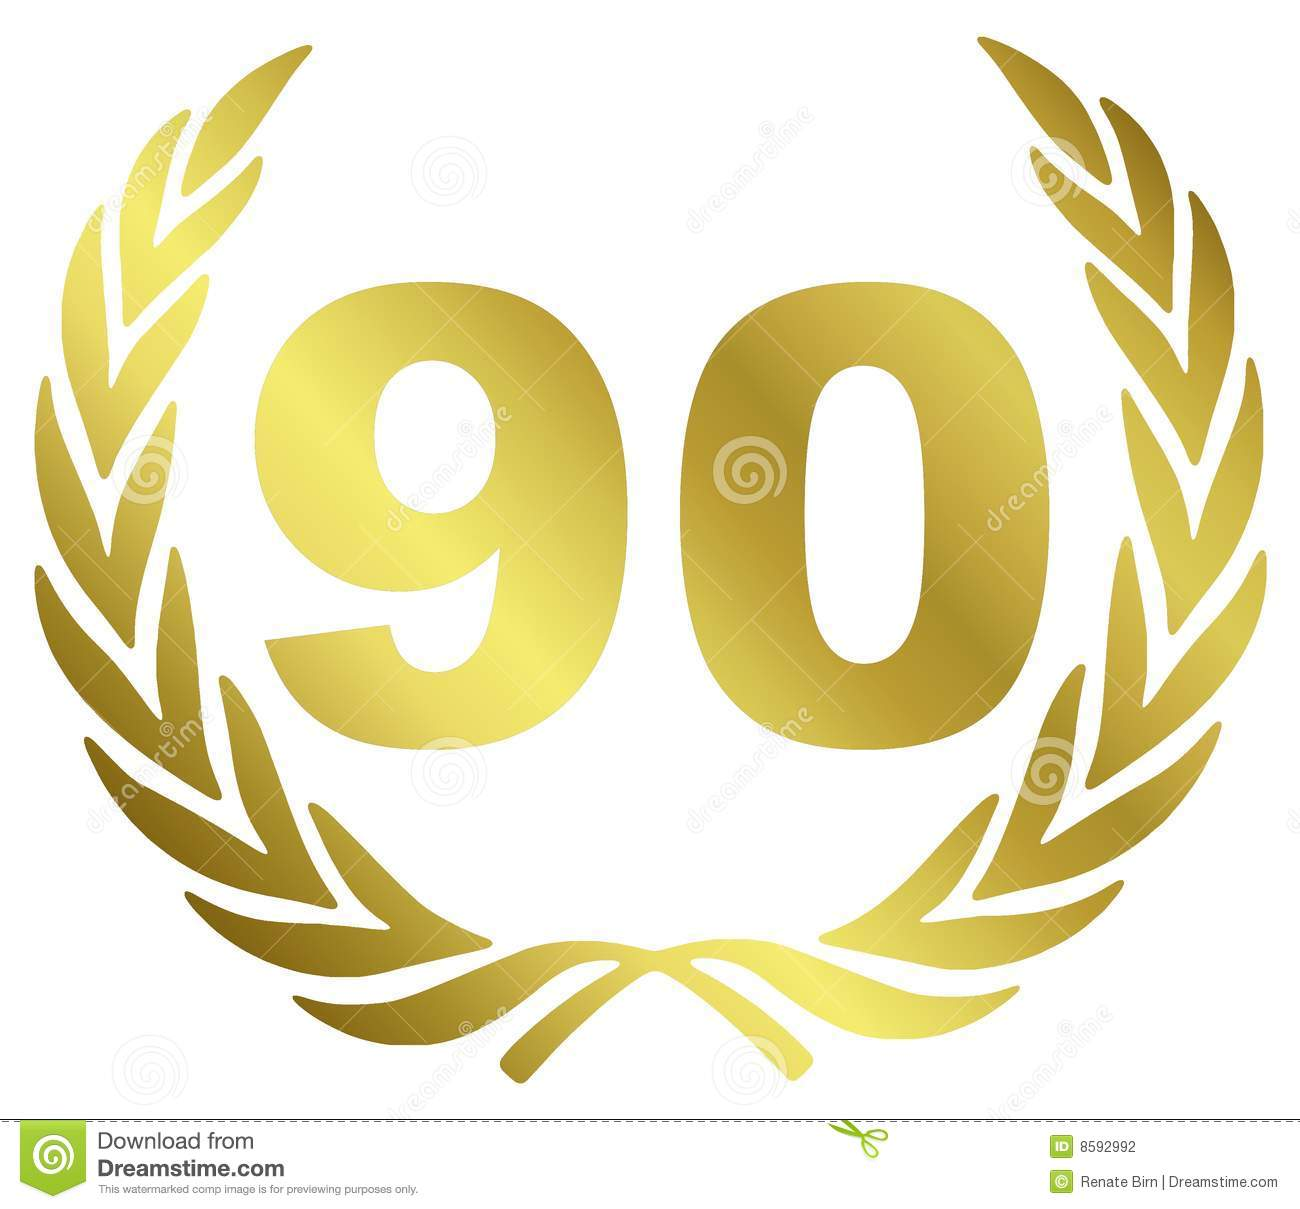 Αποτέλεσμα εικόνας για 90